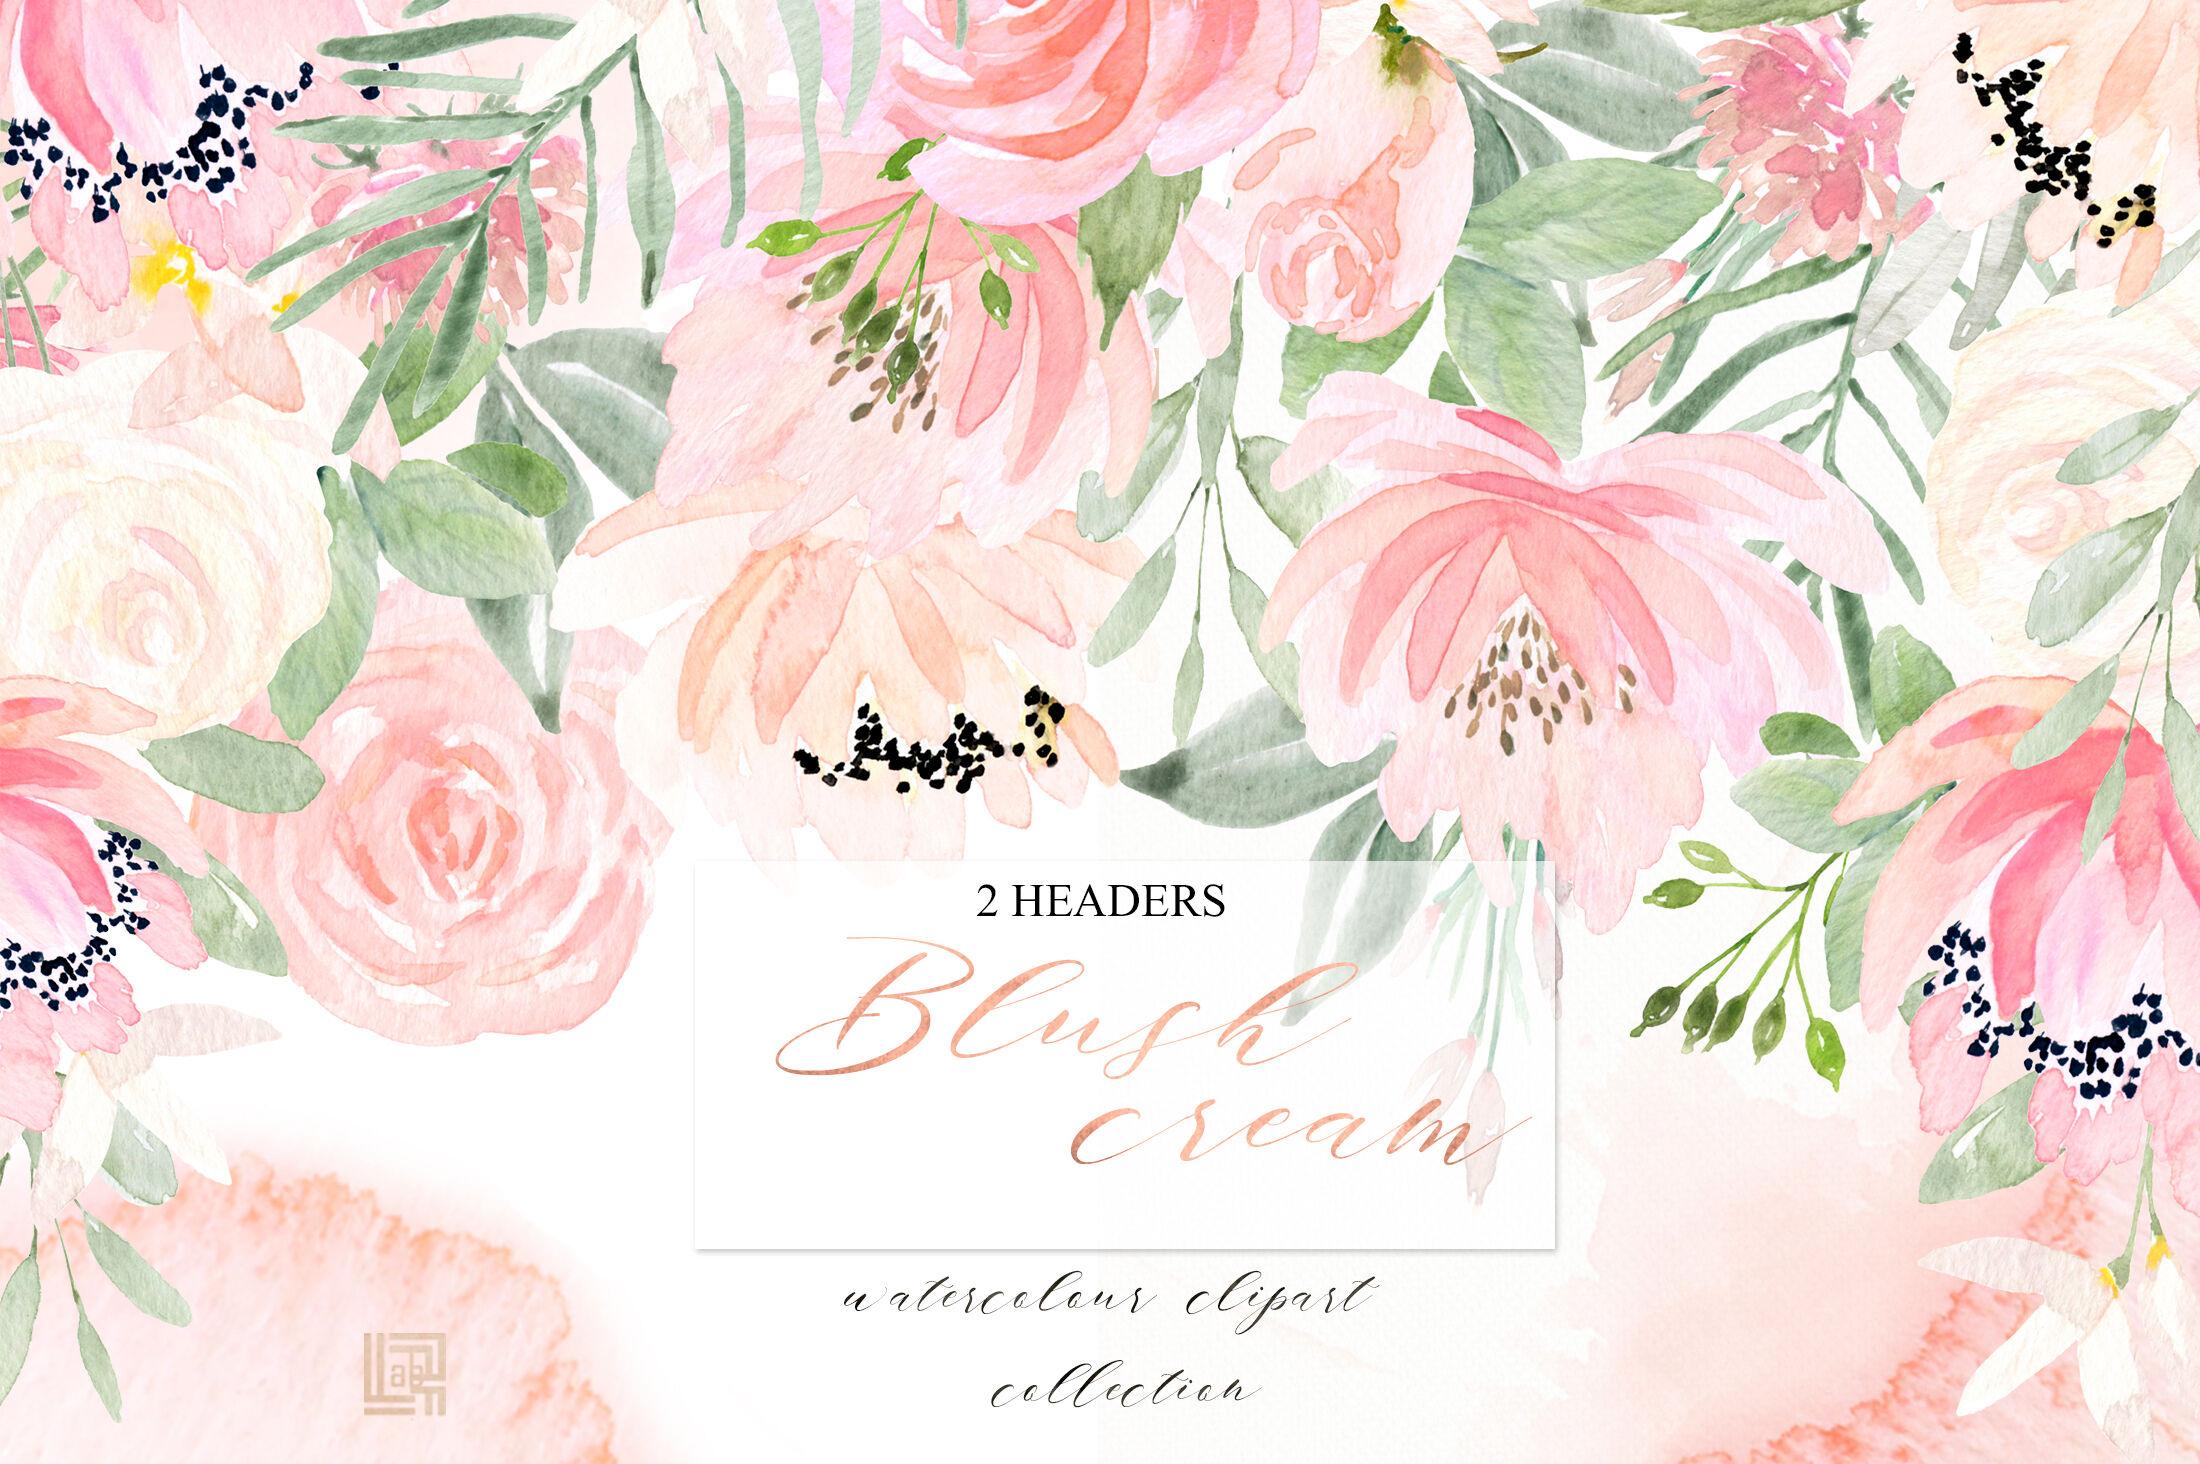 Blush Cream Watercolour Flowers Digital Clipart Hand Drawn By